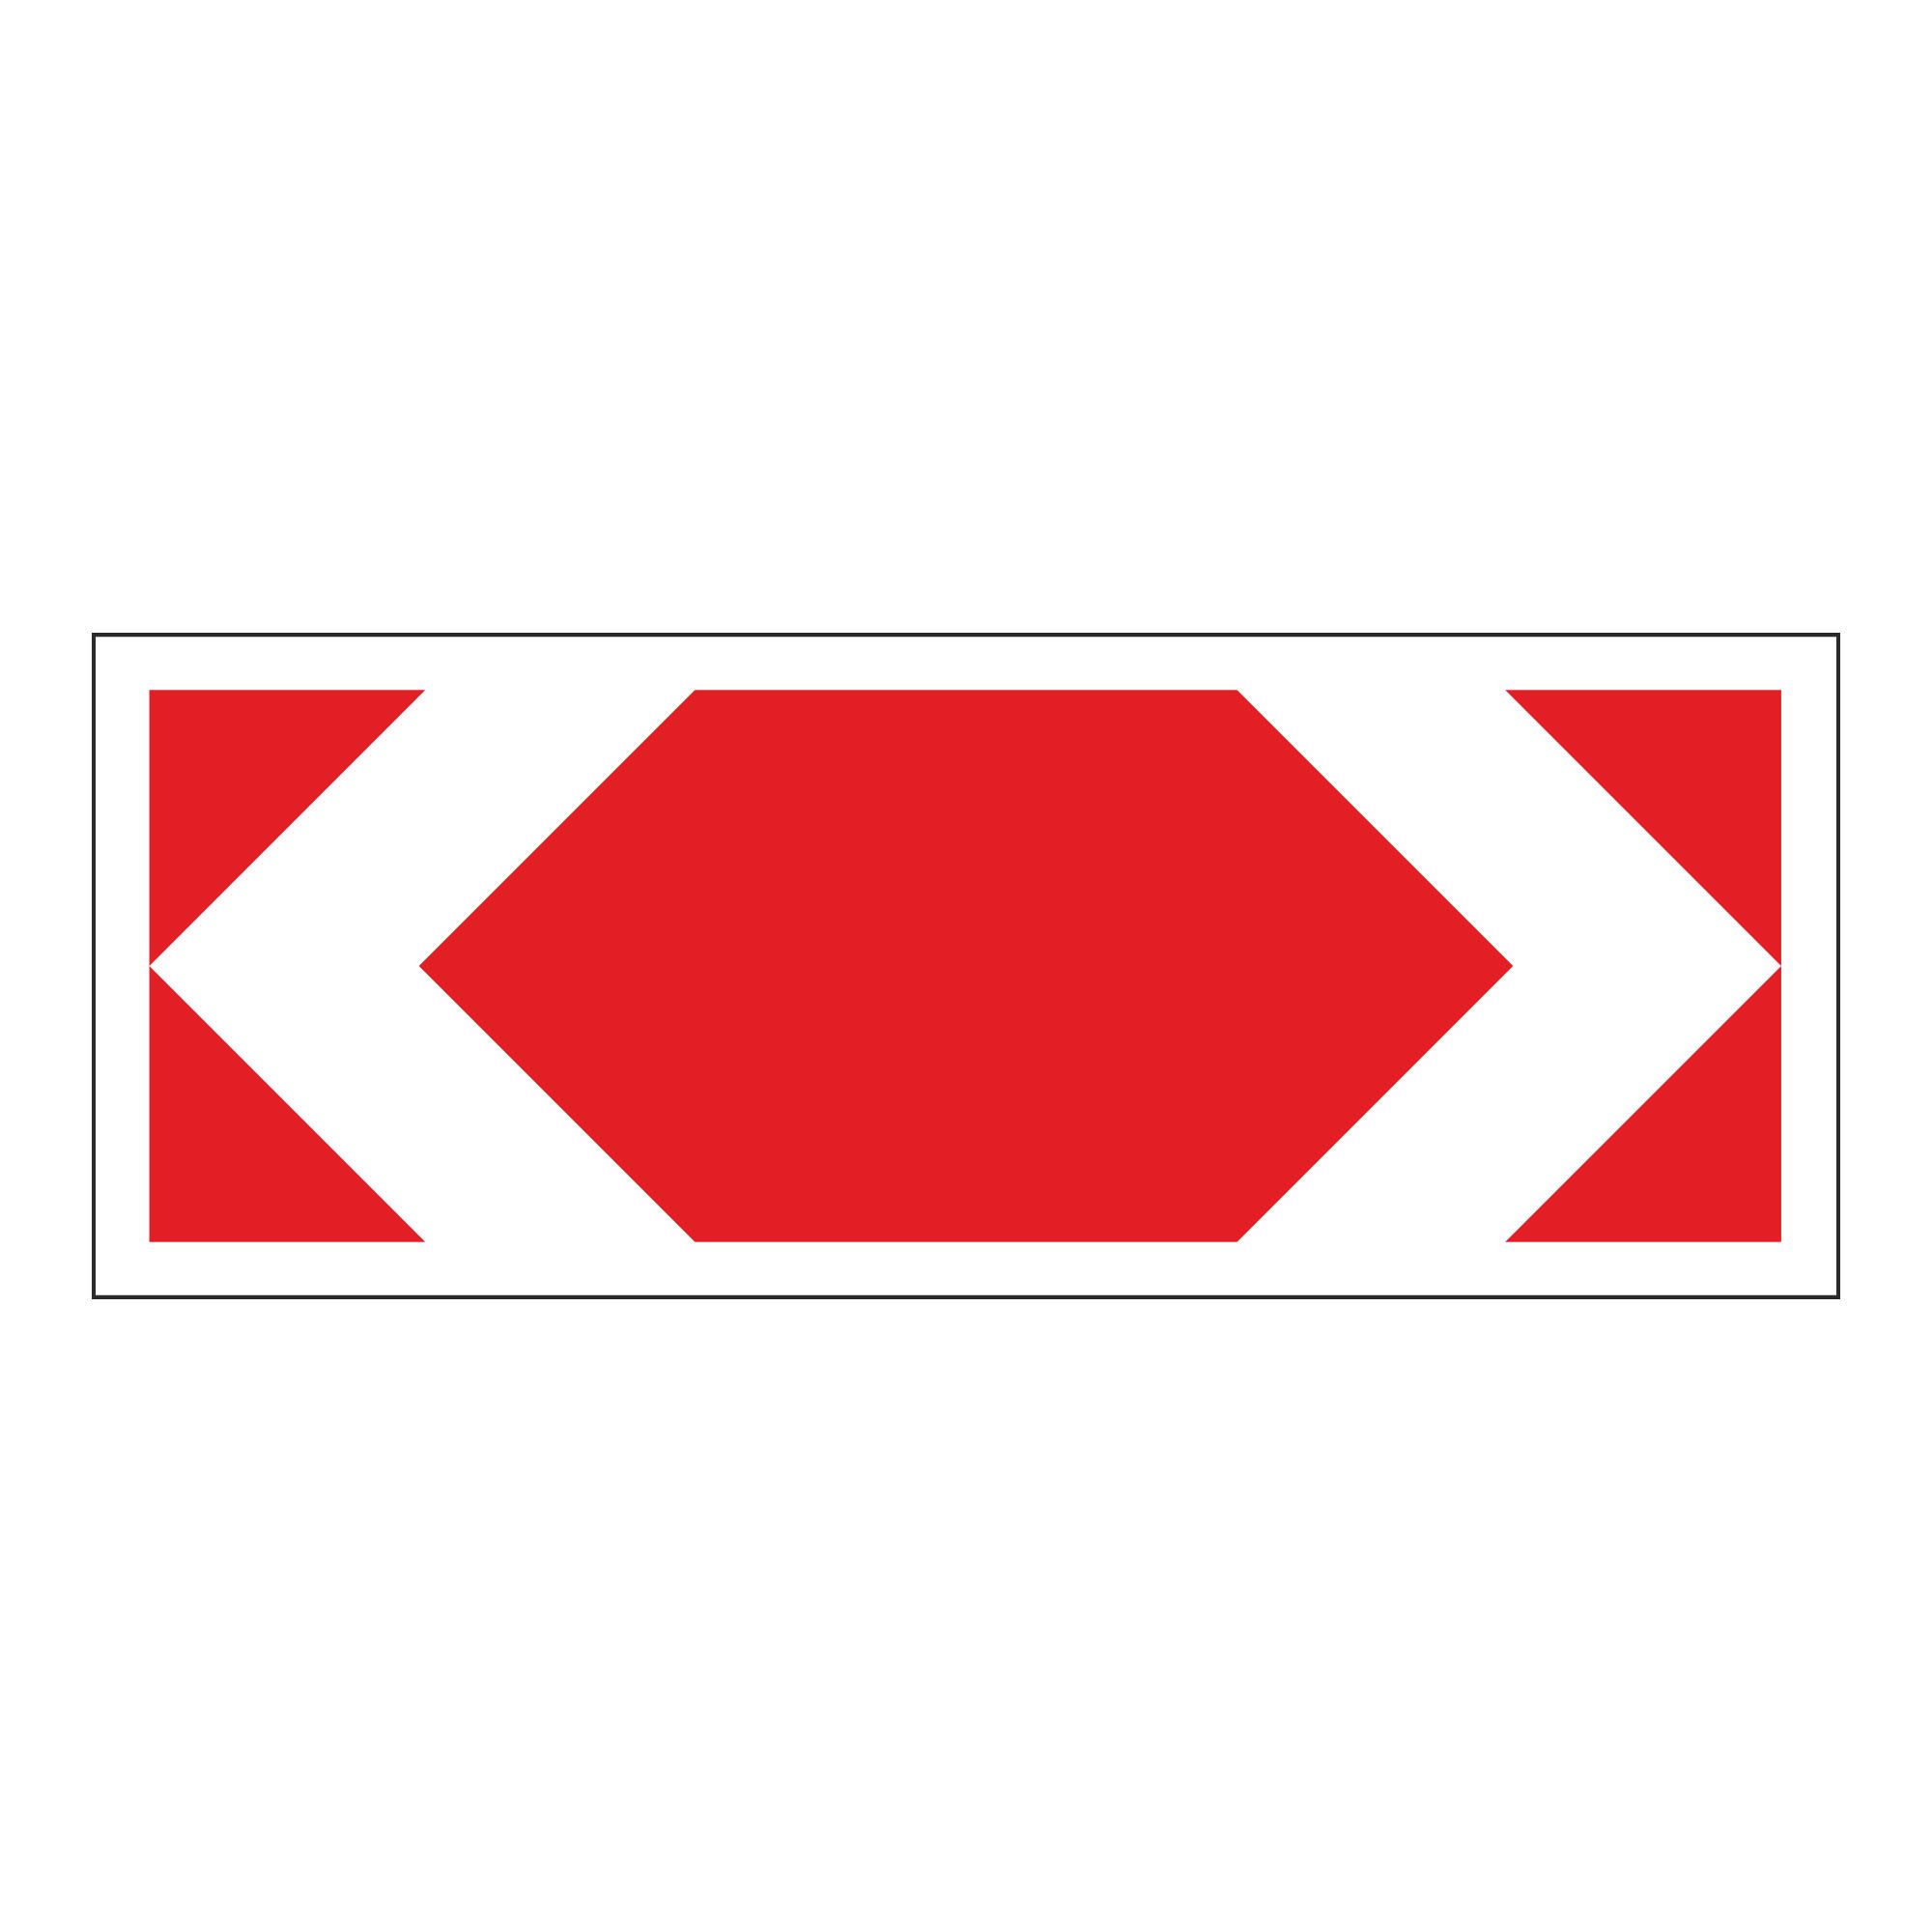 1.34.3 Направление поворота размер 1 (две стрелки)